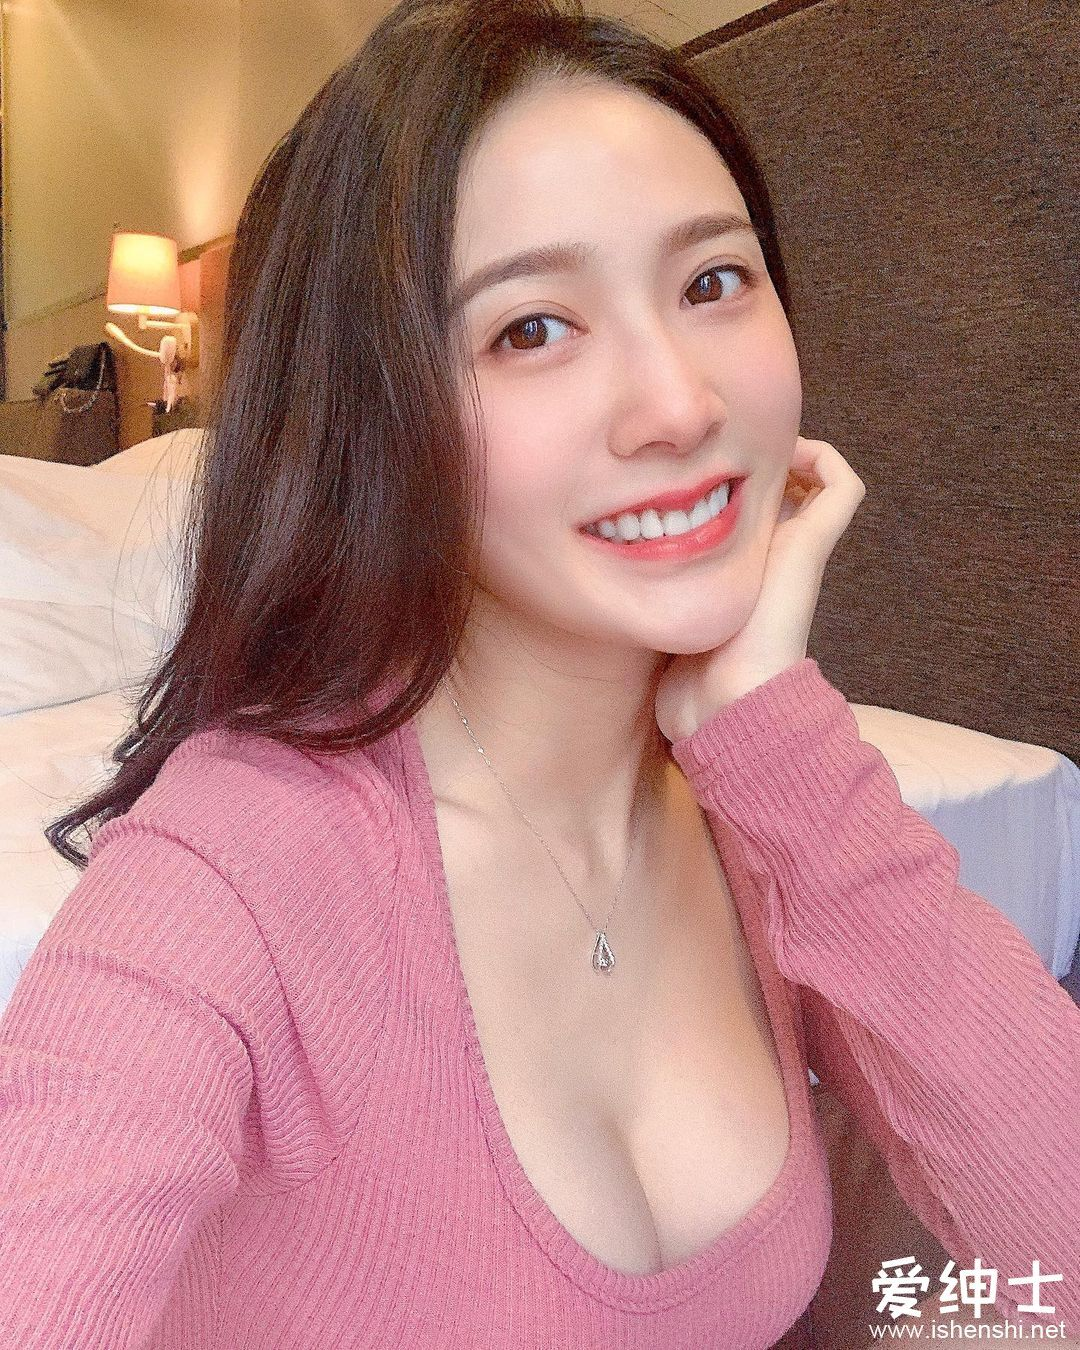 气质美女「张语婕」光顾保龄球馆,裙下露出白皙修长美腿,性感比基尼装辣翻天!